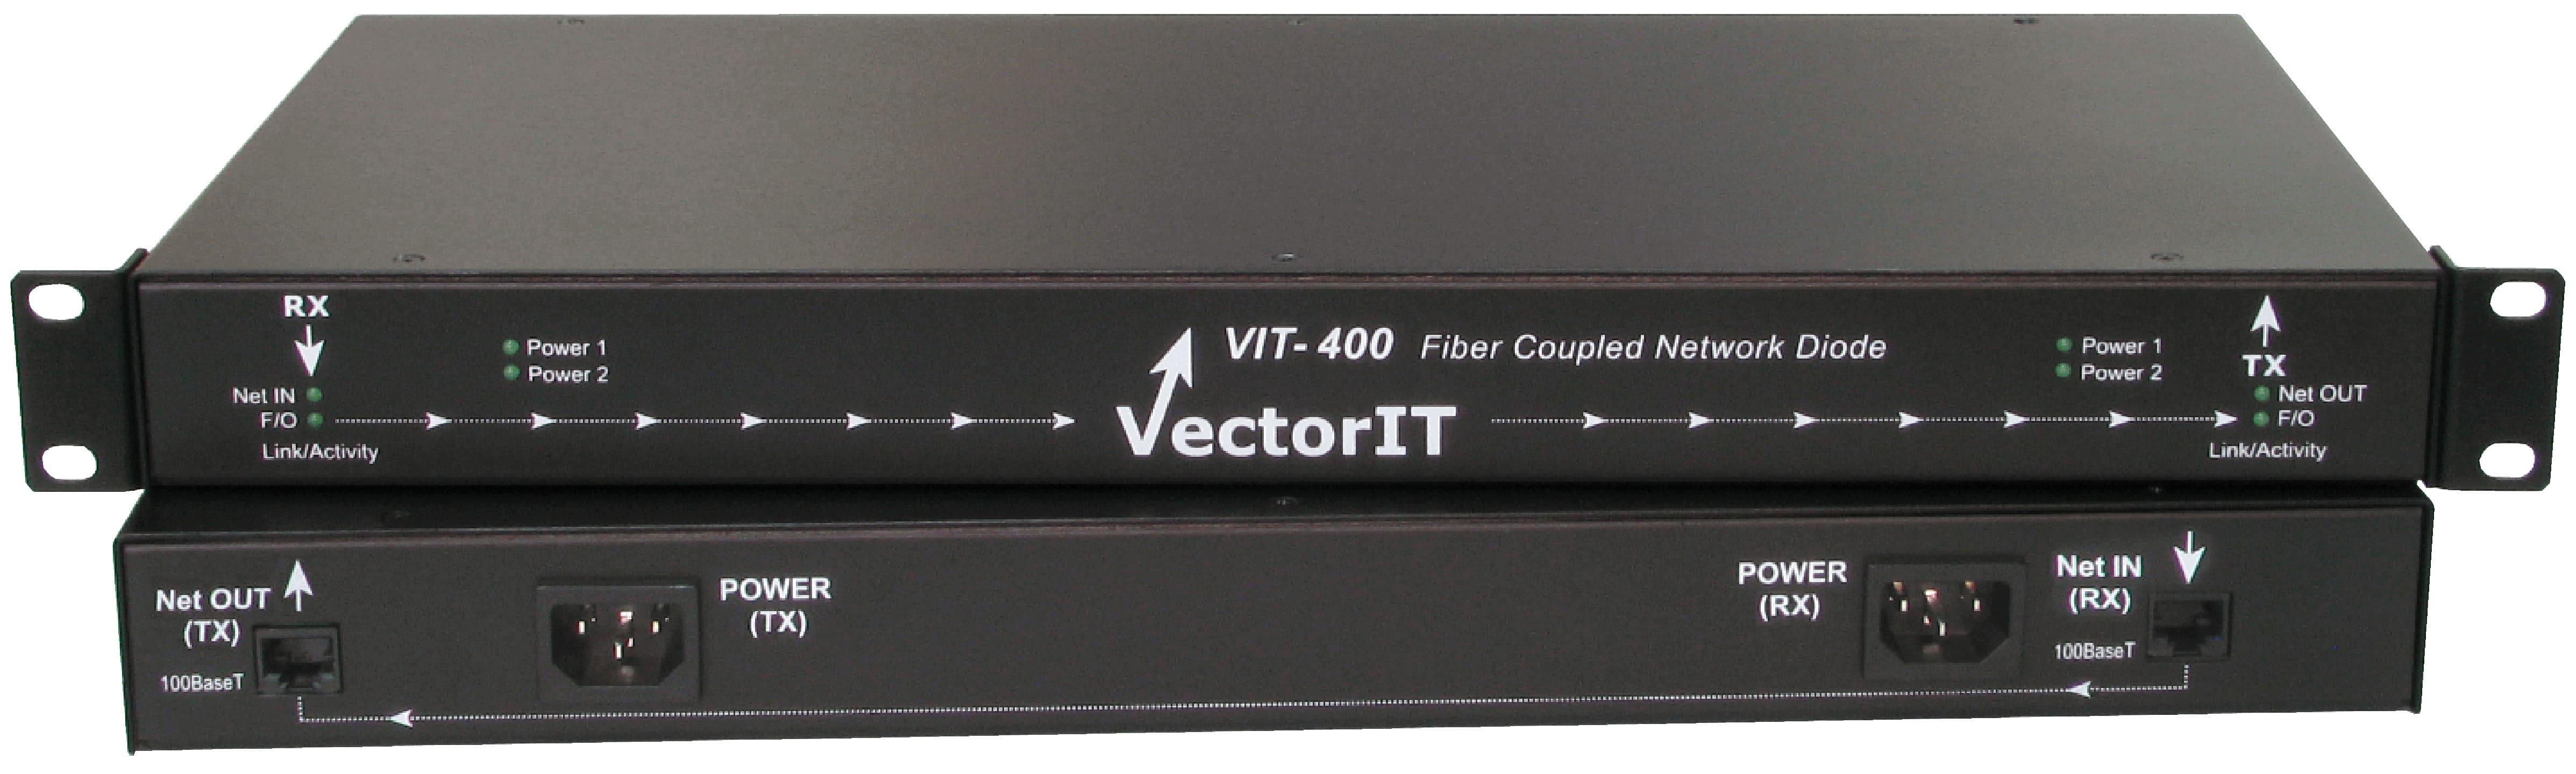 WizLAN VIT-400 Cyber Network Security